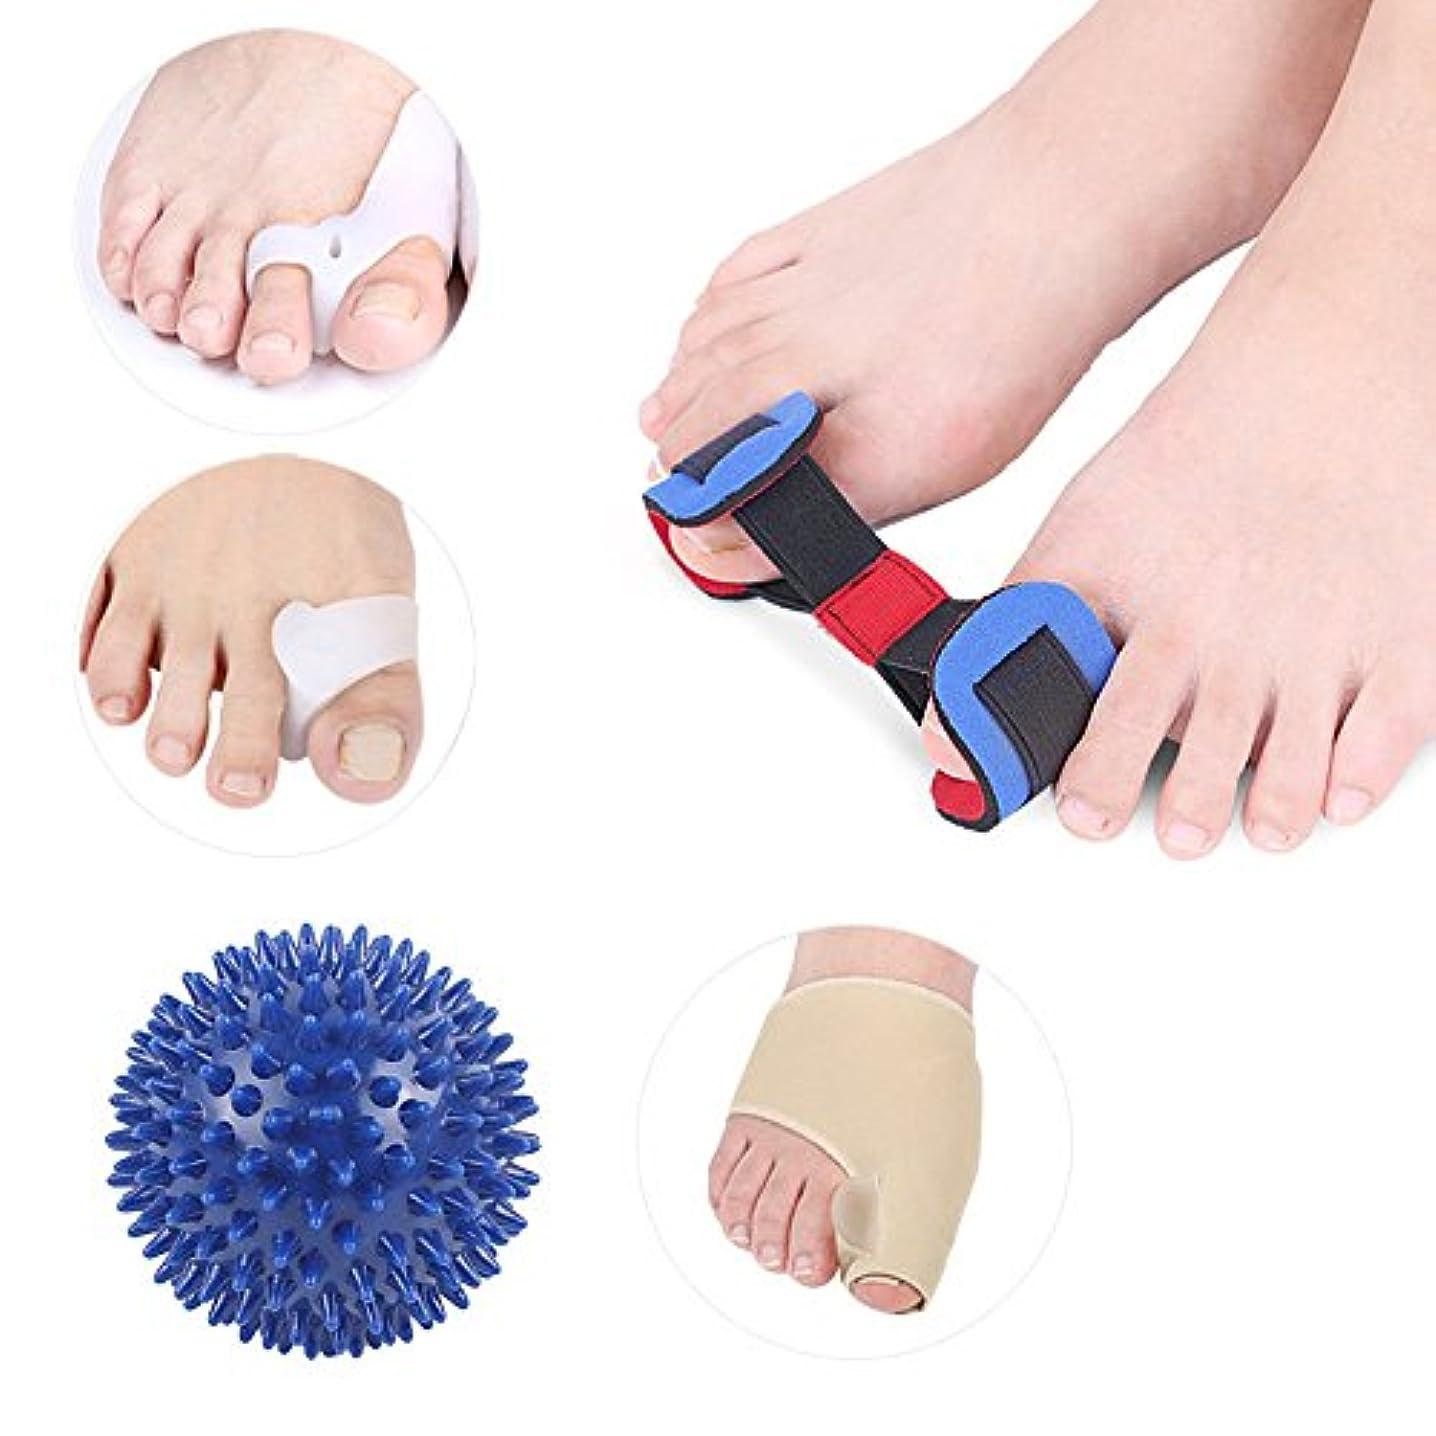 去る完璧願望癒合矯正具、足の親指矯正Hallux外反夜、腱膜炎スプリント、足指セパレーター、腱膜リリーフプロテクタースリーブキット - 足関節の痛みの治療、スペーサ矯正補助手術